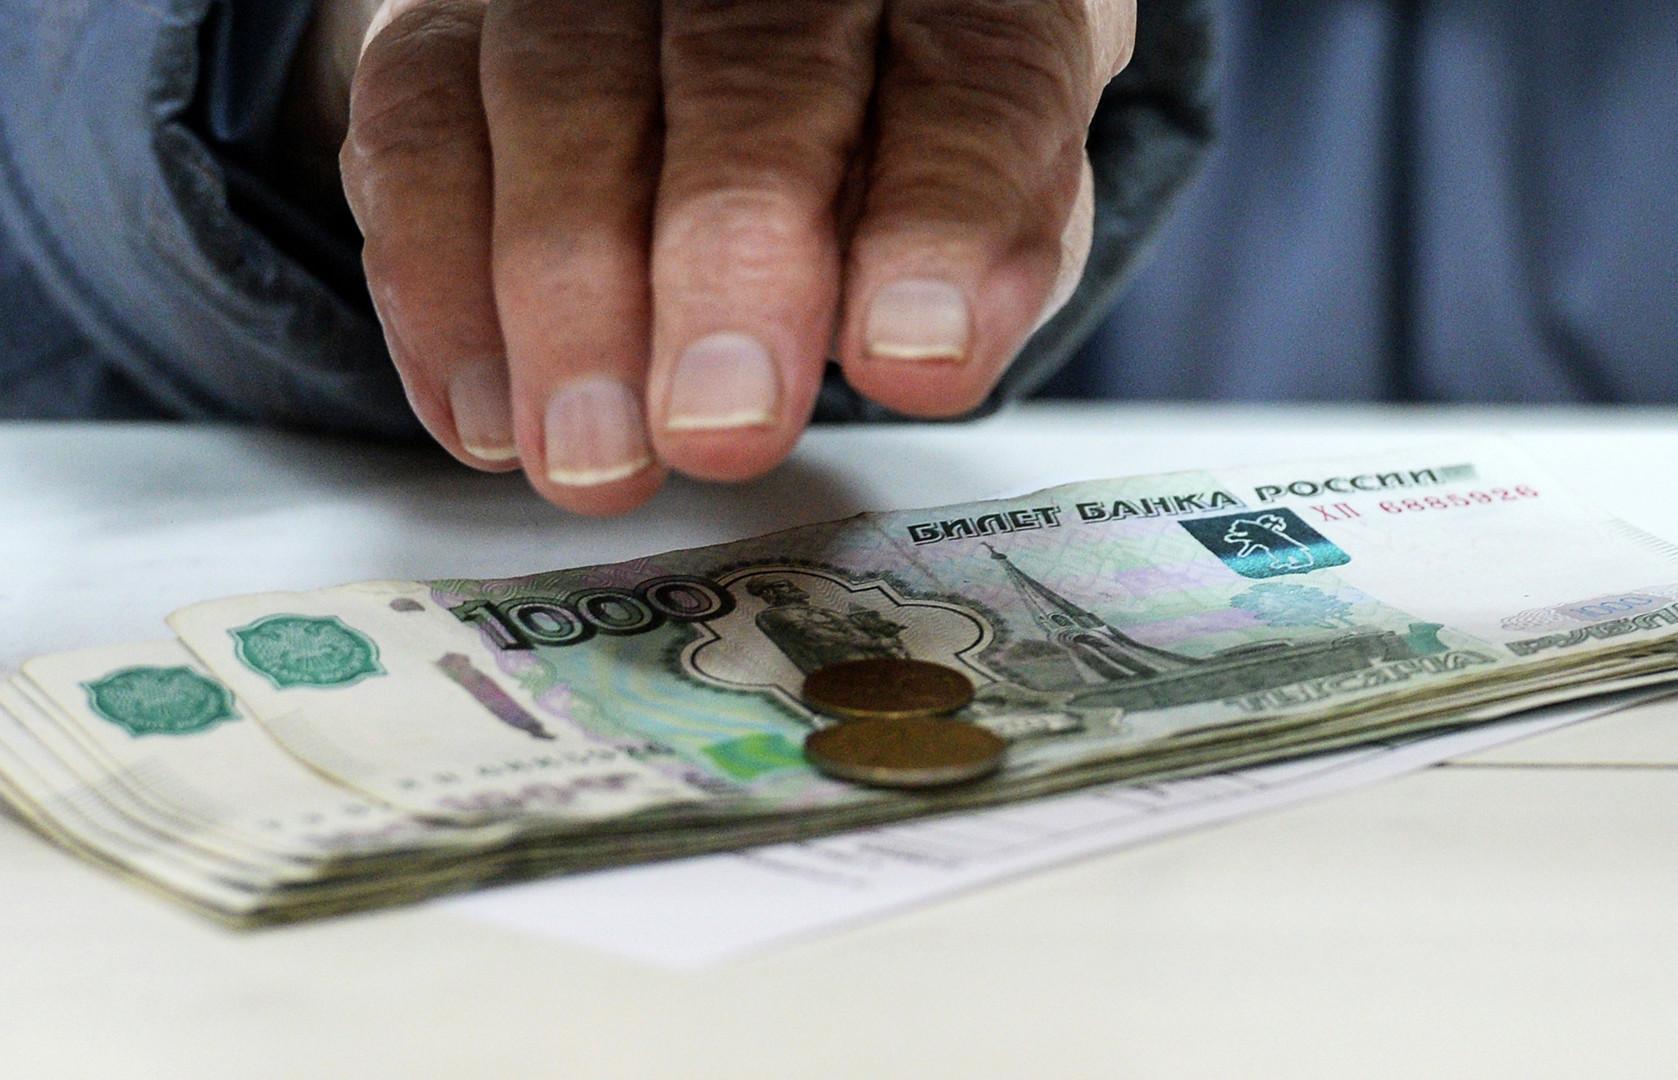 Ошибочно начисленные пенсии возвращать не придется - новости Афанасий